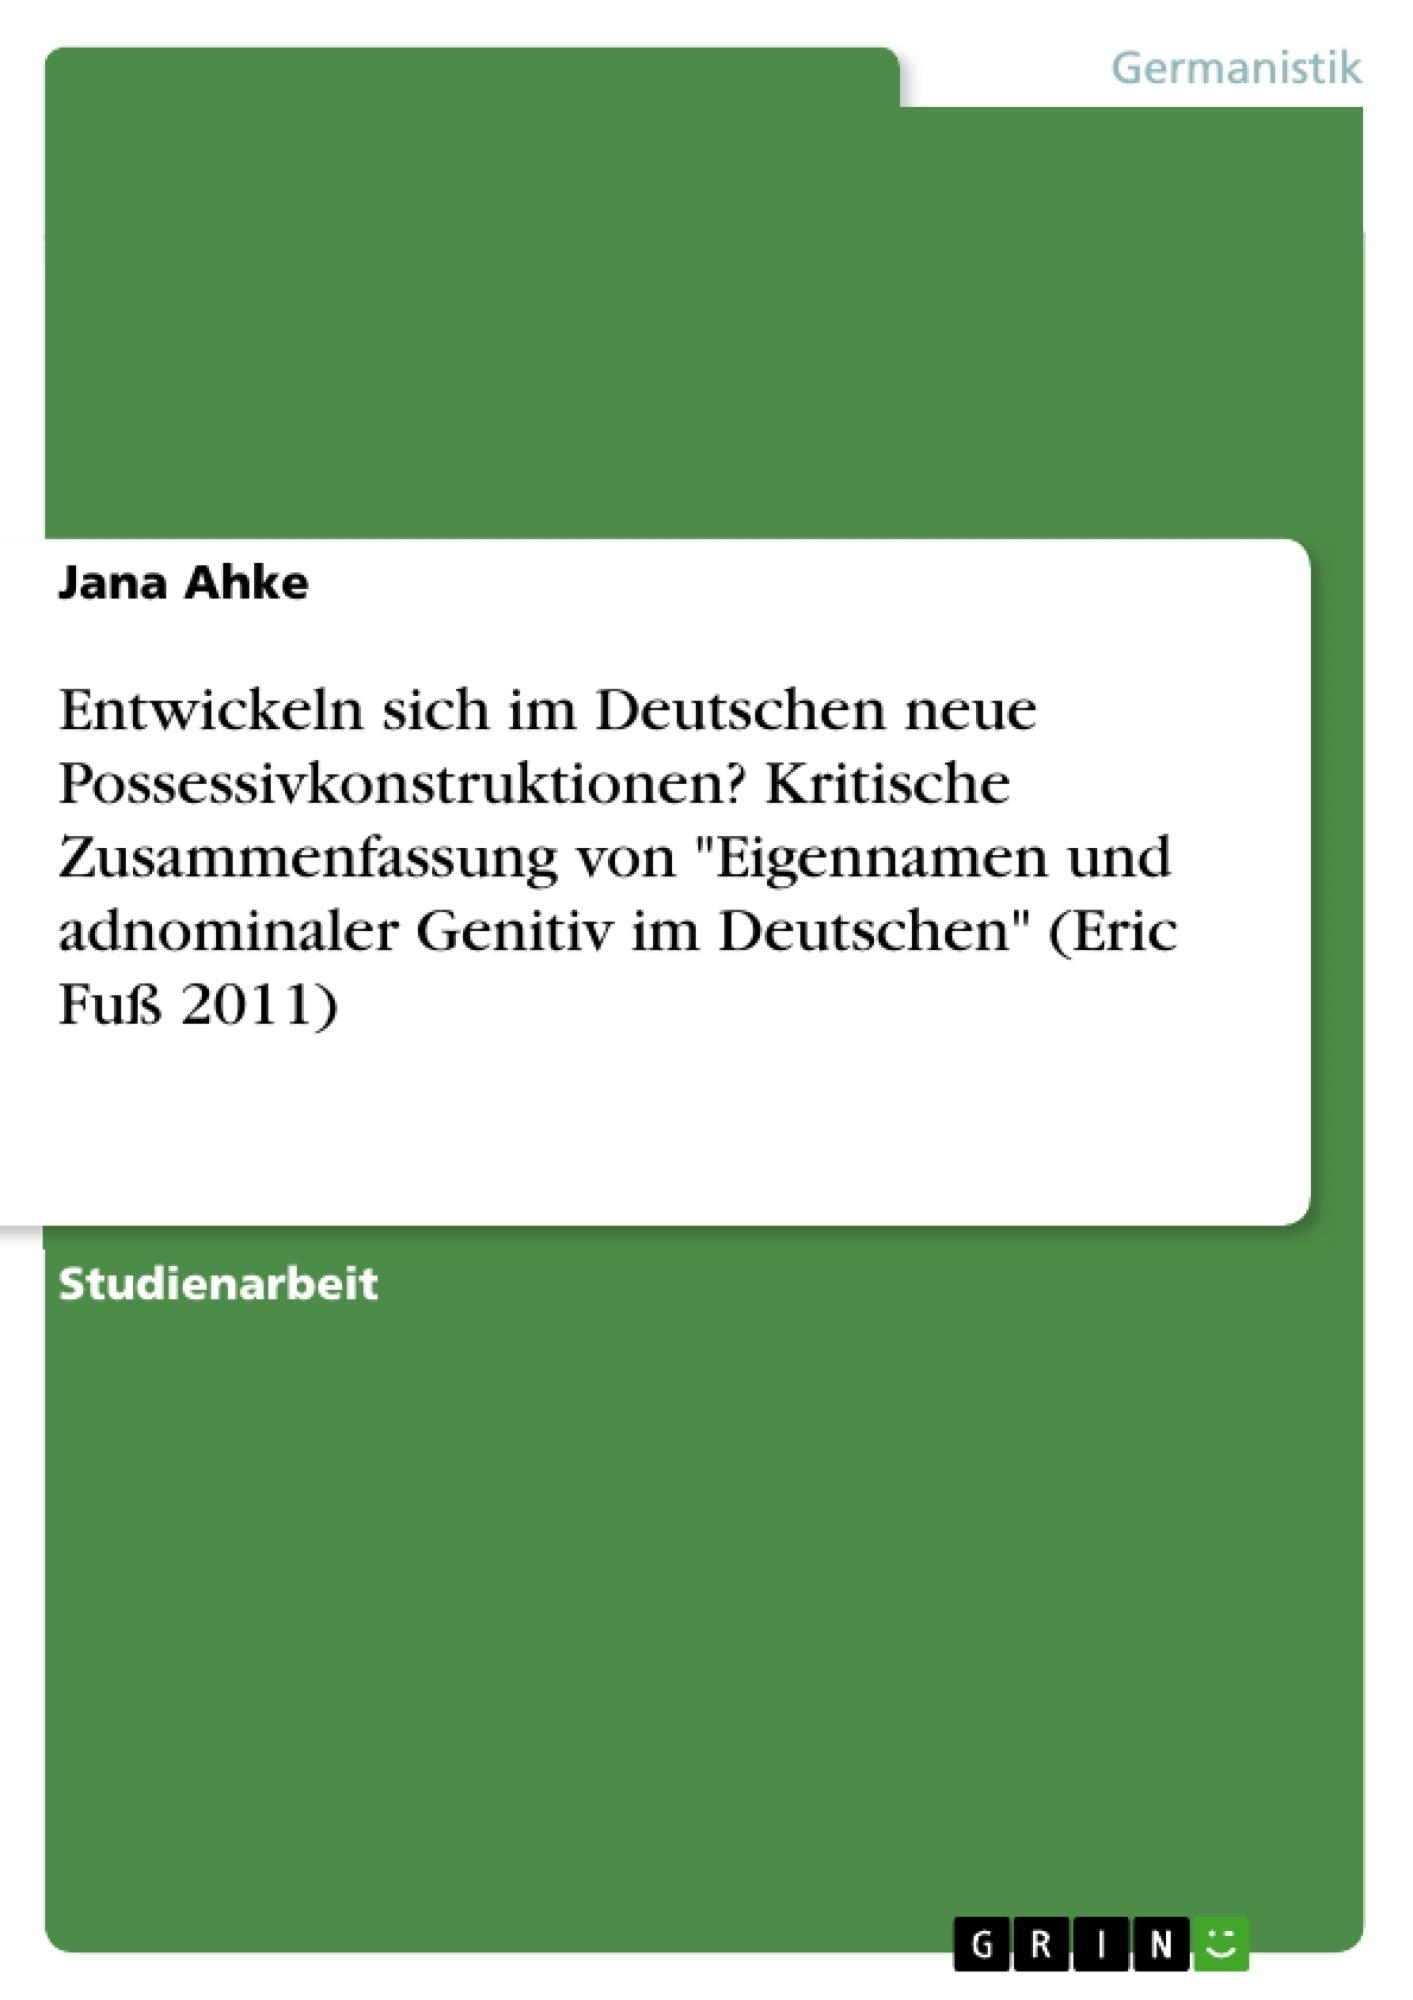 """Titel: Entwickeln sich im Deutschen neue Possessivkonstruktionen? Kritische Zusammenfassung von """"Eigennamen und adnominaler Genitiv im Deutschen"""" (Eric Fuß 2011)"""